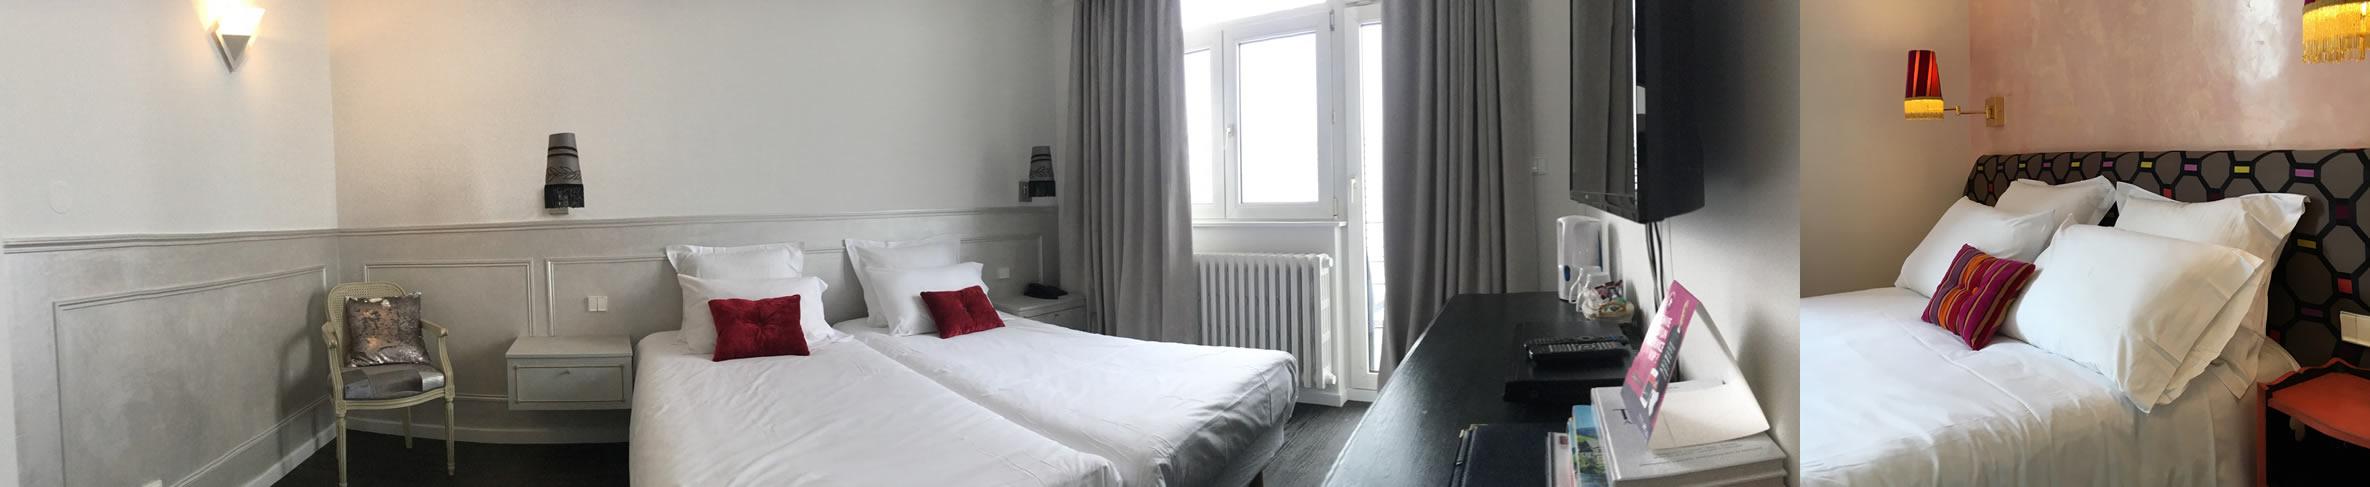 Chambre à l'hotel de l'ange